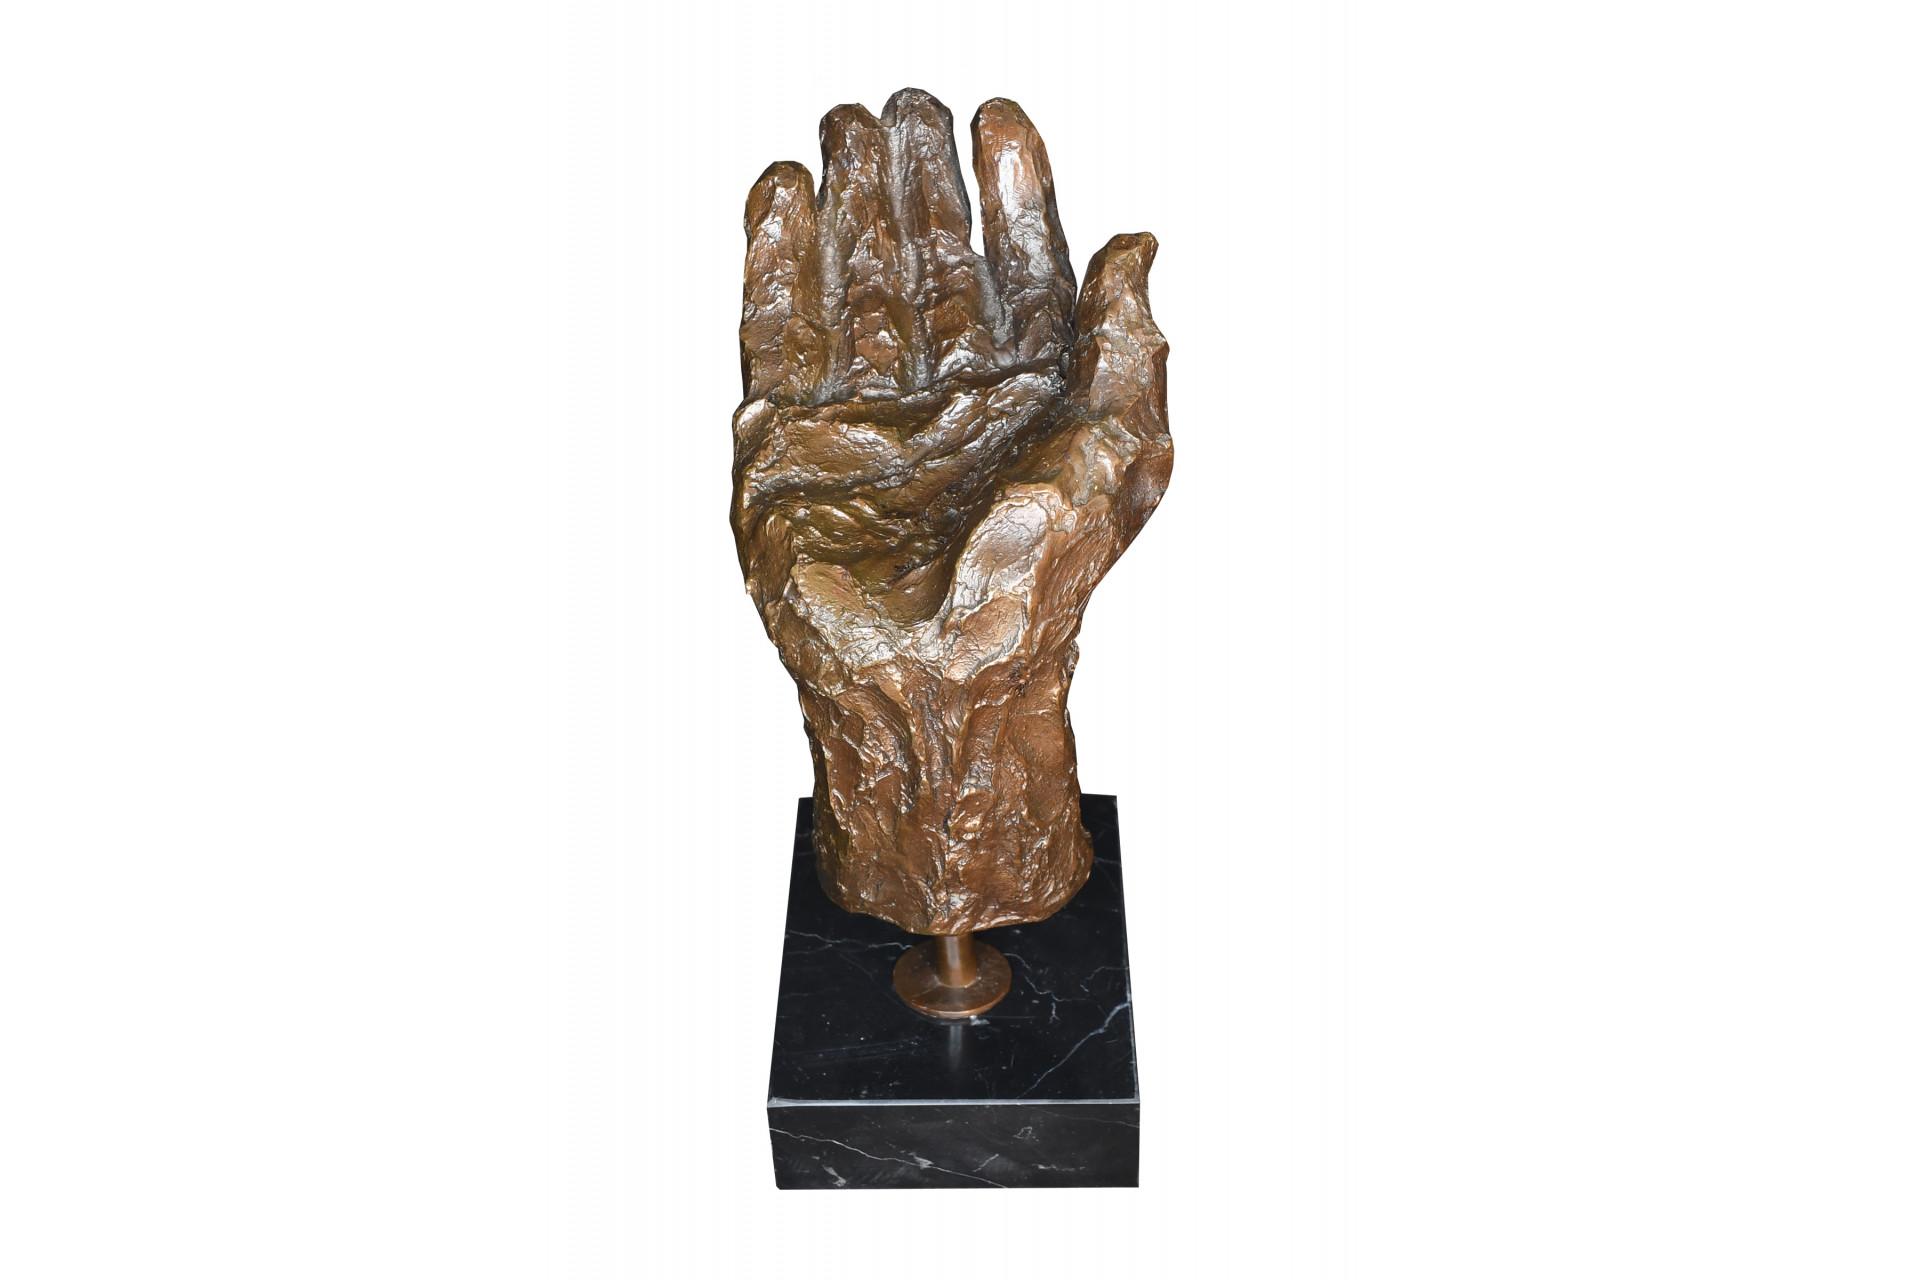 Bronze Hand Sculpture